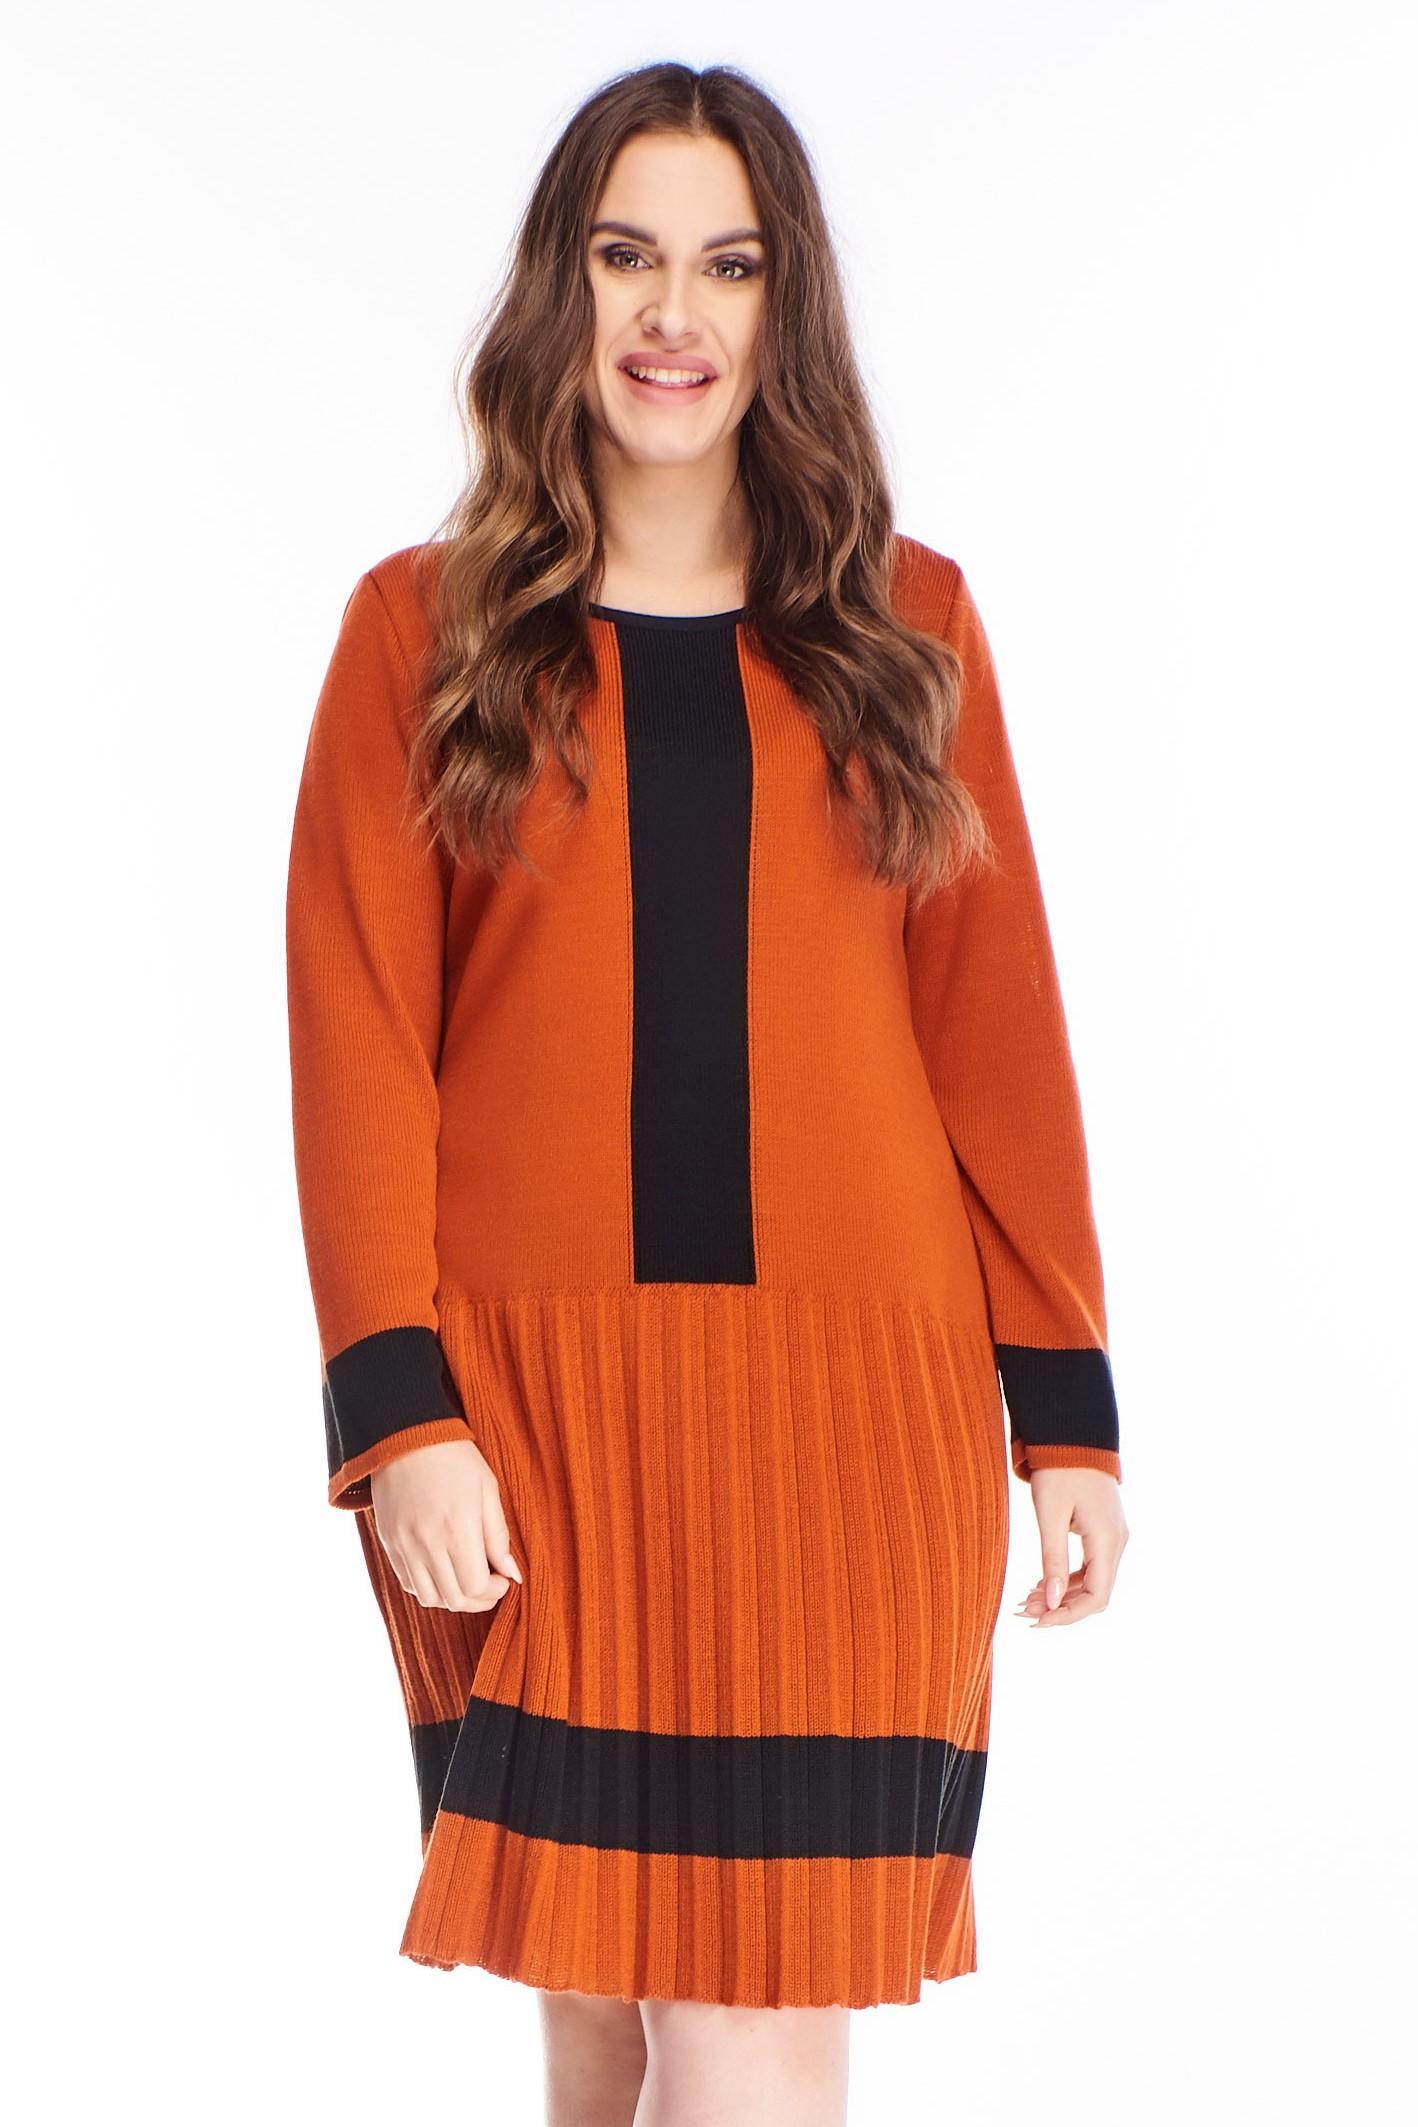 Polodlhé oranžové svetrové šaty - M